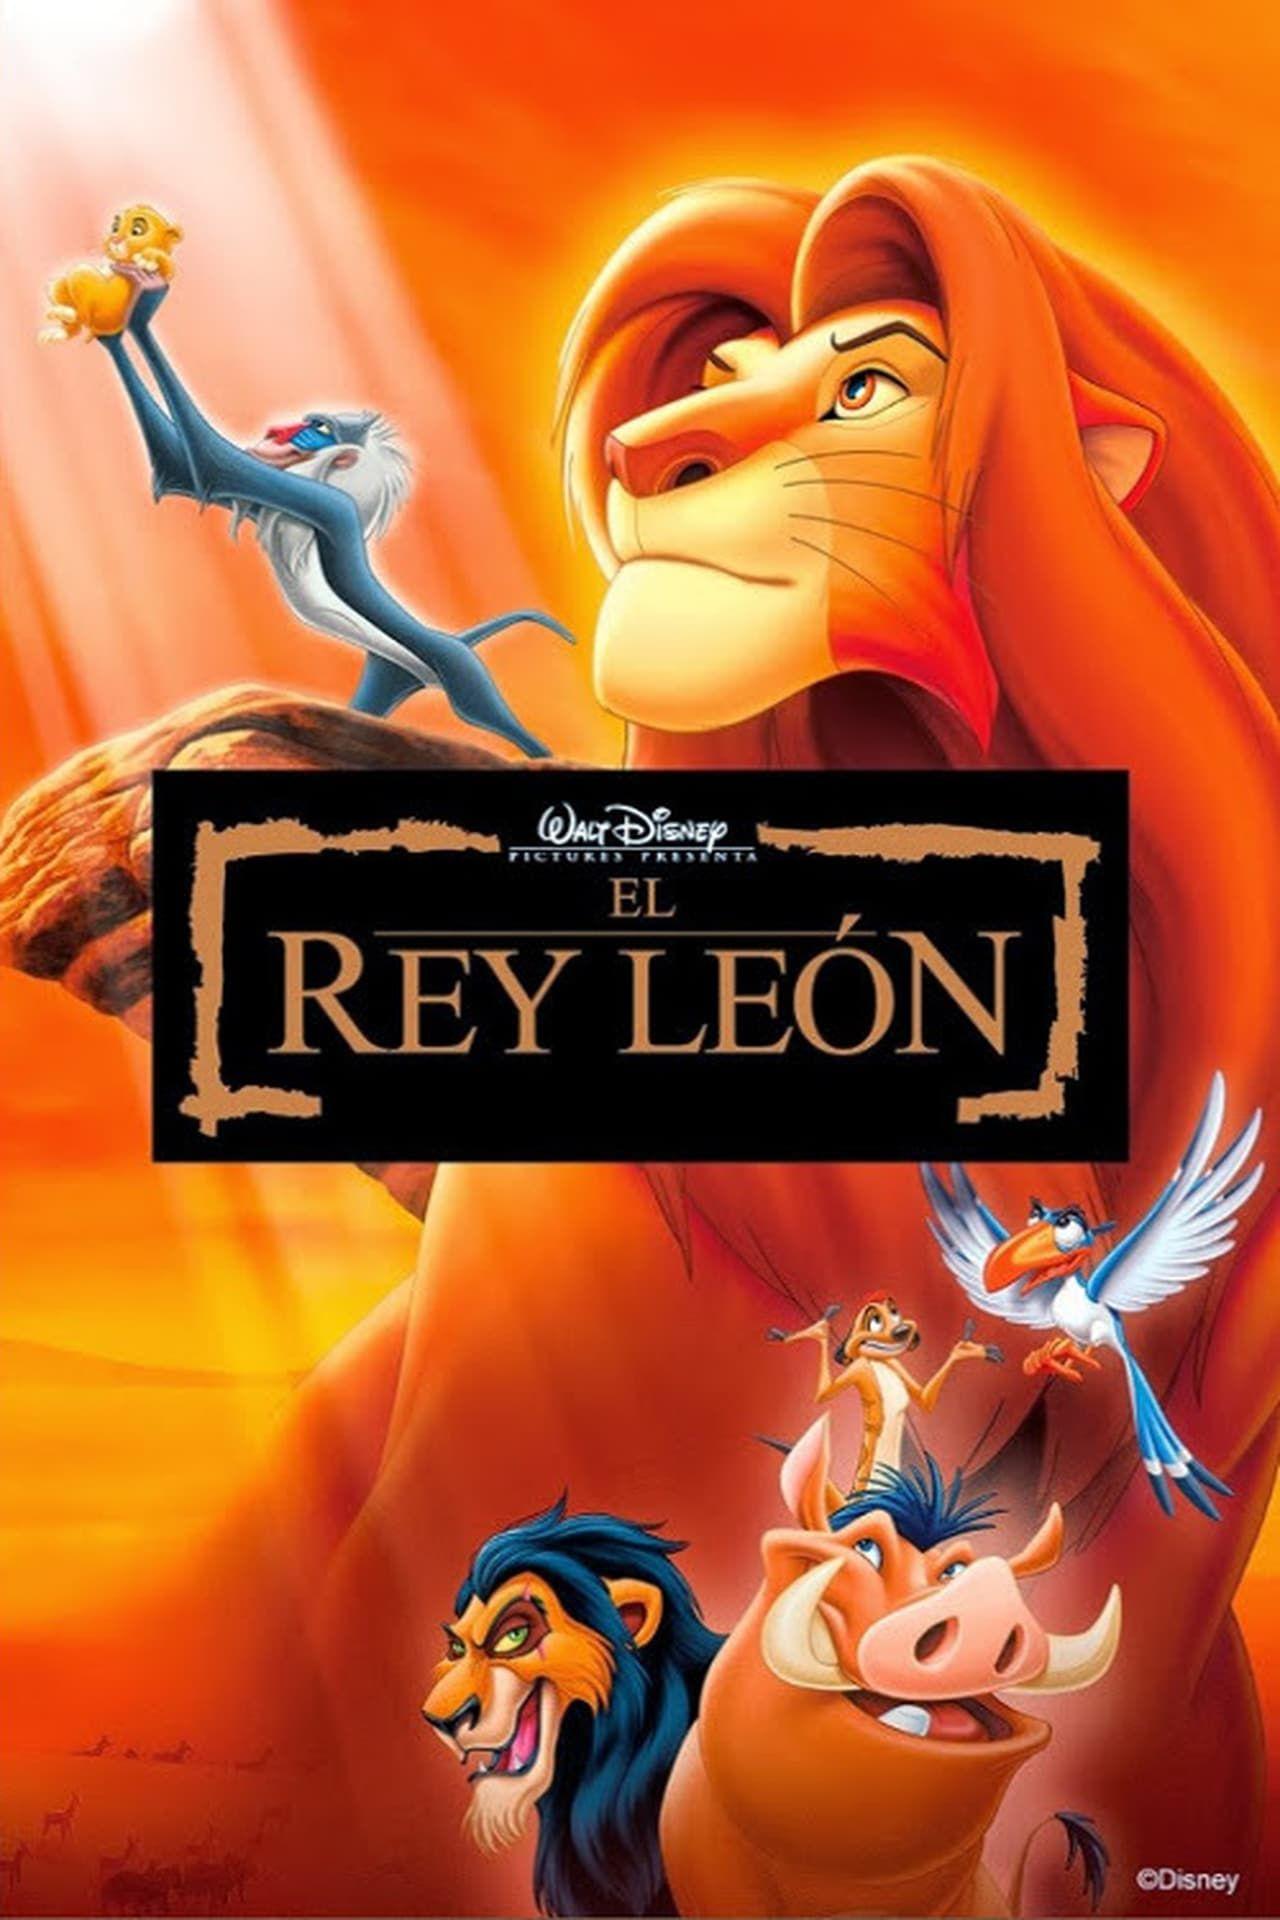 El Rey León The Lion King 1994 Peliculas Infantiles De Disney Peliculas De Disney El Rey Leon Pelicula